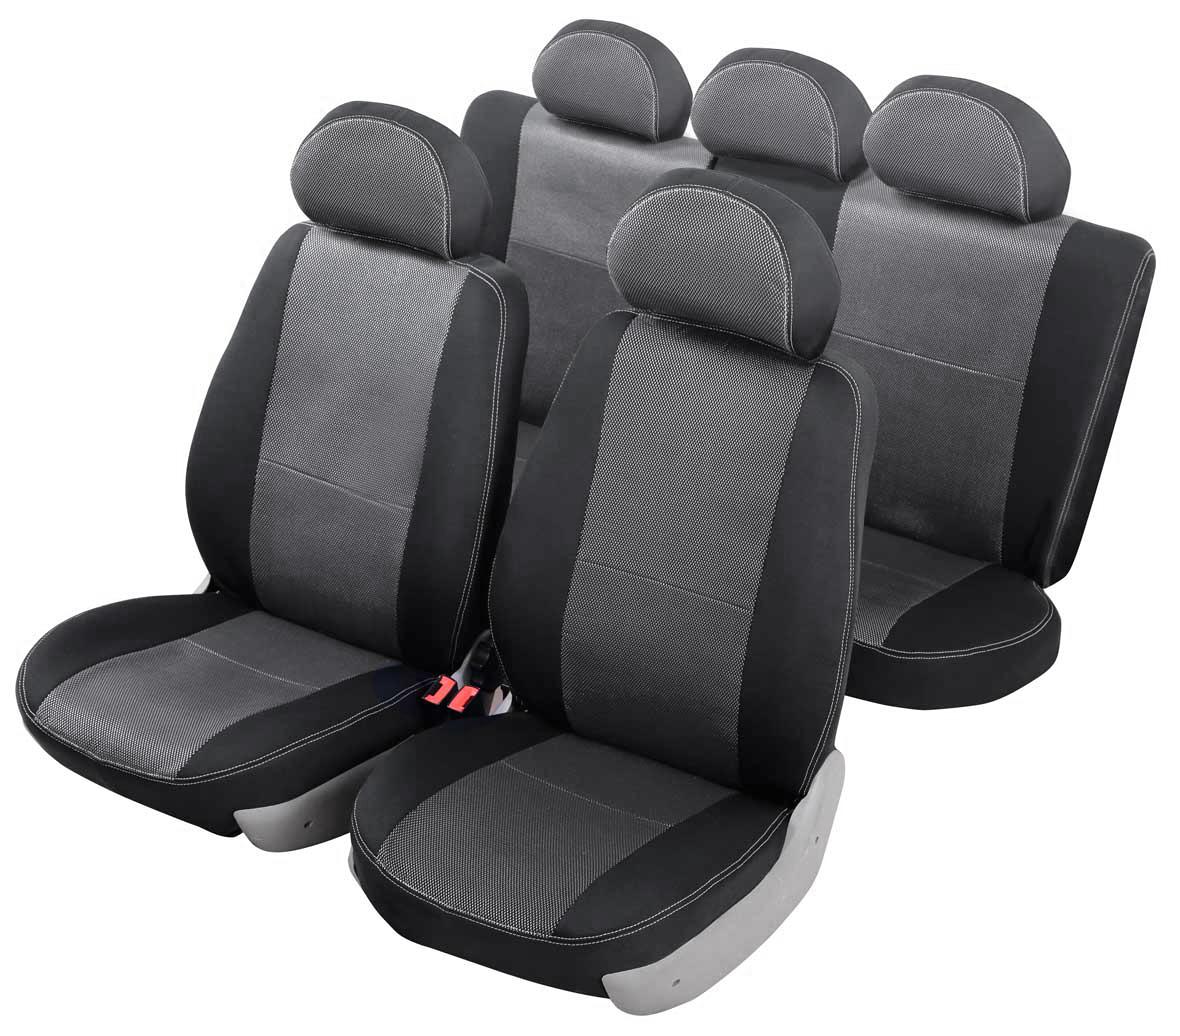 Чехол на автомобильное кресло Senator Dakkar RENAULT LOGAN 2004-2013 сед. 5 подгол., цвет: черныйS3010011Разработаны в РФ индивидуально для каждой модели автомобиля. Чехлы Senator Dakkar серийно выпускаются на собственном швейном производстве в России. Чехлы идеально повторяют штатную форму сидений и выглядят как оригинальная обивка сидений. Для простоты установки используется липучка Velcro, учтены все технологические отверстия. Чехлы сохраняют полную функциональность салона – трасформация сидений, возможность установки детских кресел ISOFIX, не препятствуют работе подушек безопасности AIRBAG и подогрева сидений. Дизайн чехлов Senator Dakkar приближен к оригинальной обивке салона. Чехлы имеют вставки из жаккарда по центру переднего сиденья и на подголовниках. Декоративная контрастная прострочка по периметру авточехлов придает стильный и изысканный внешний вид интерьеру автомобиля. Чехлы Senator Dakkar изготовлены из сверхпрочного жаккарда, триплированного огнеупорным поролоном толщиной 3 мм, за счет чего чехол приобретает дополнительную мягкость. Подложка из спандбонда сохраняет...